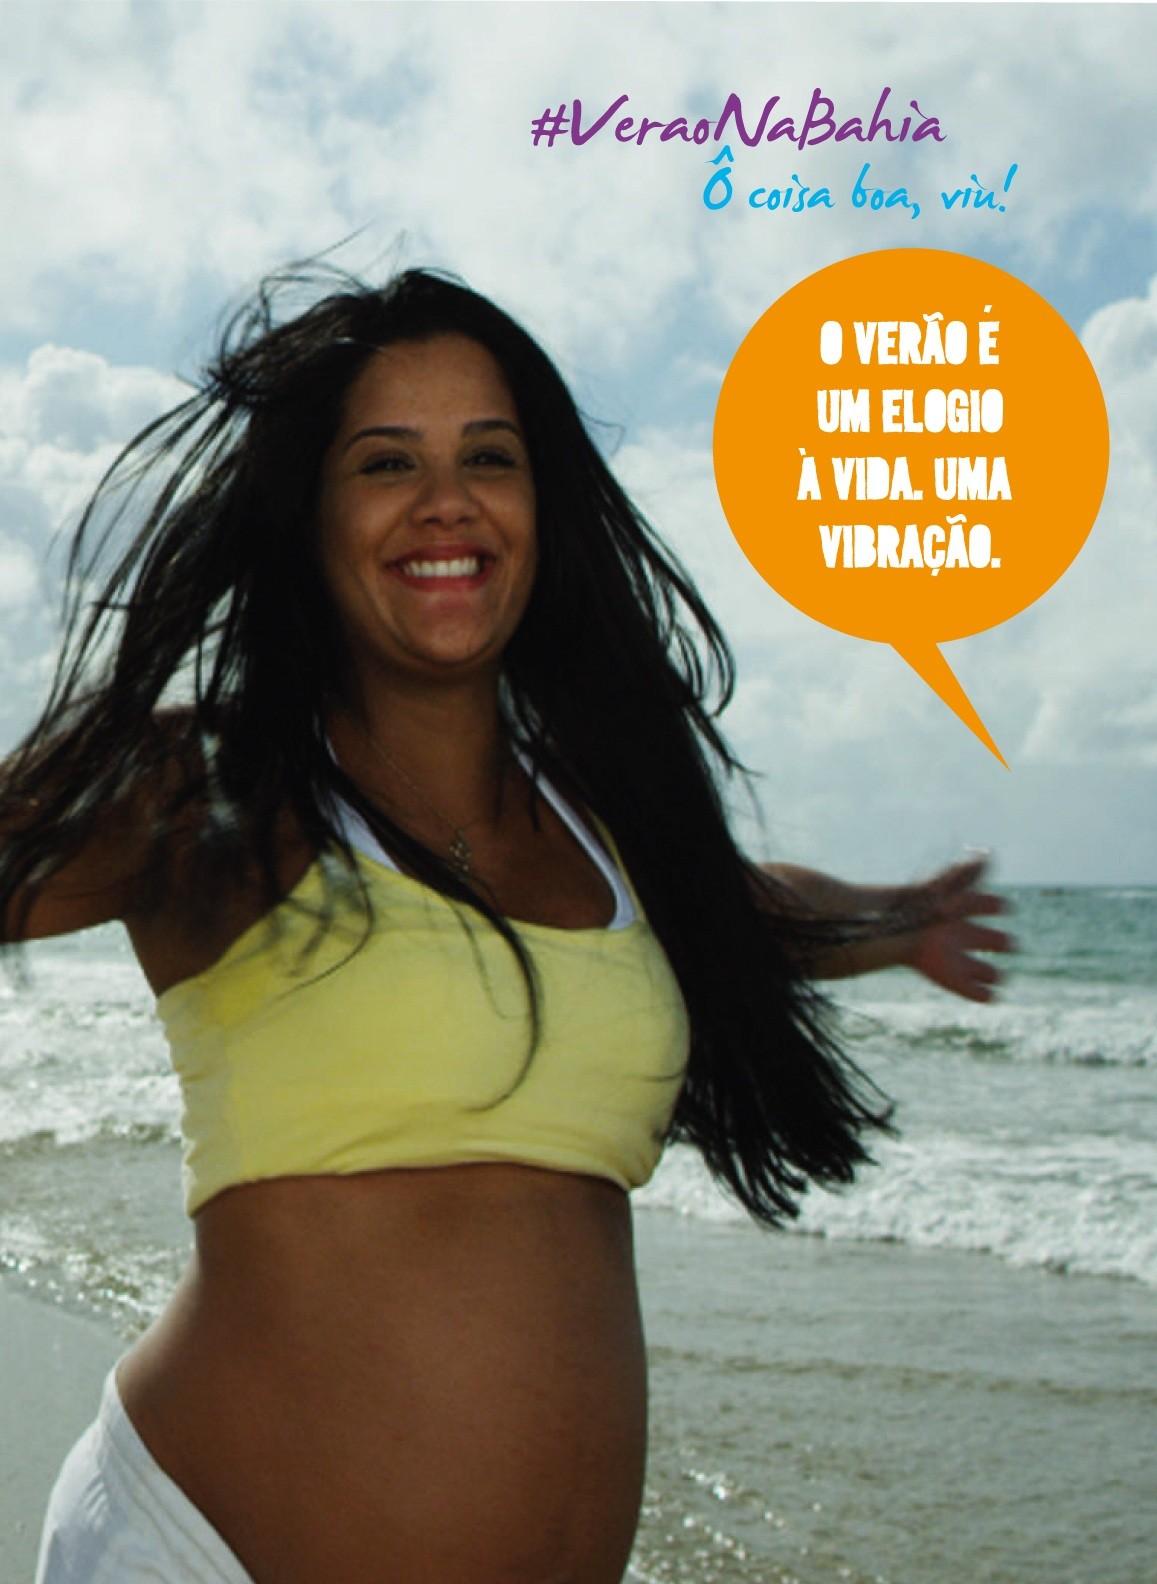 Rede Bahia apresenta novidades para estação mais animada do ano (Foto: divulgação)